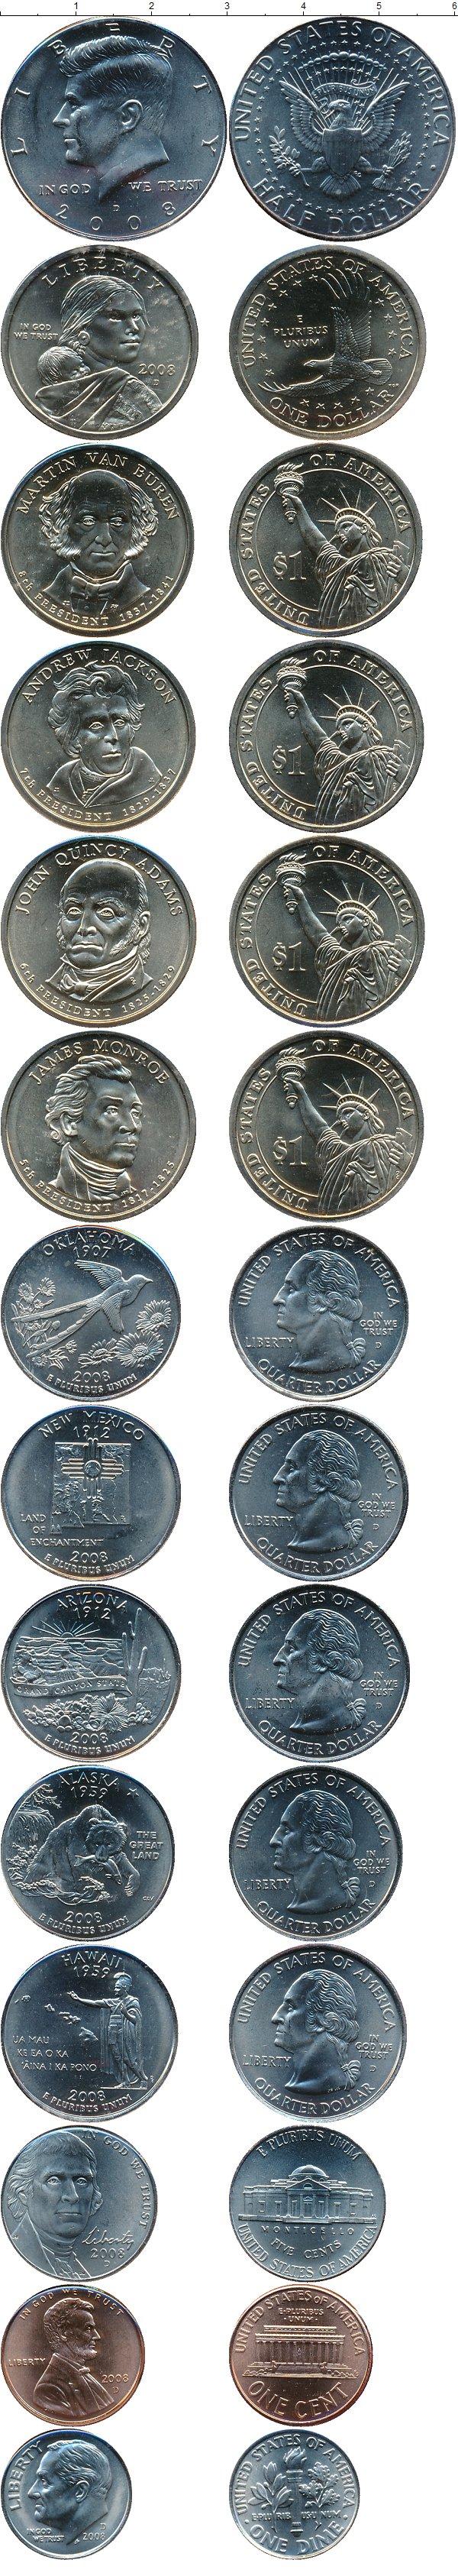 Картинка Подарочные монеты США Выпуск 2008 года  2008